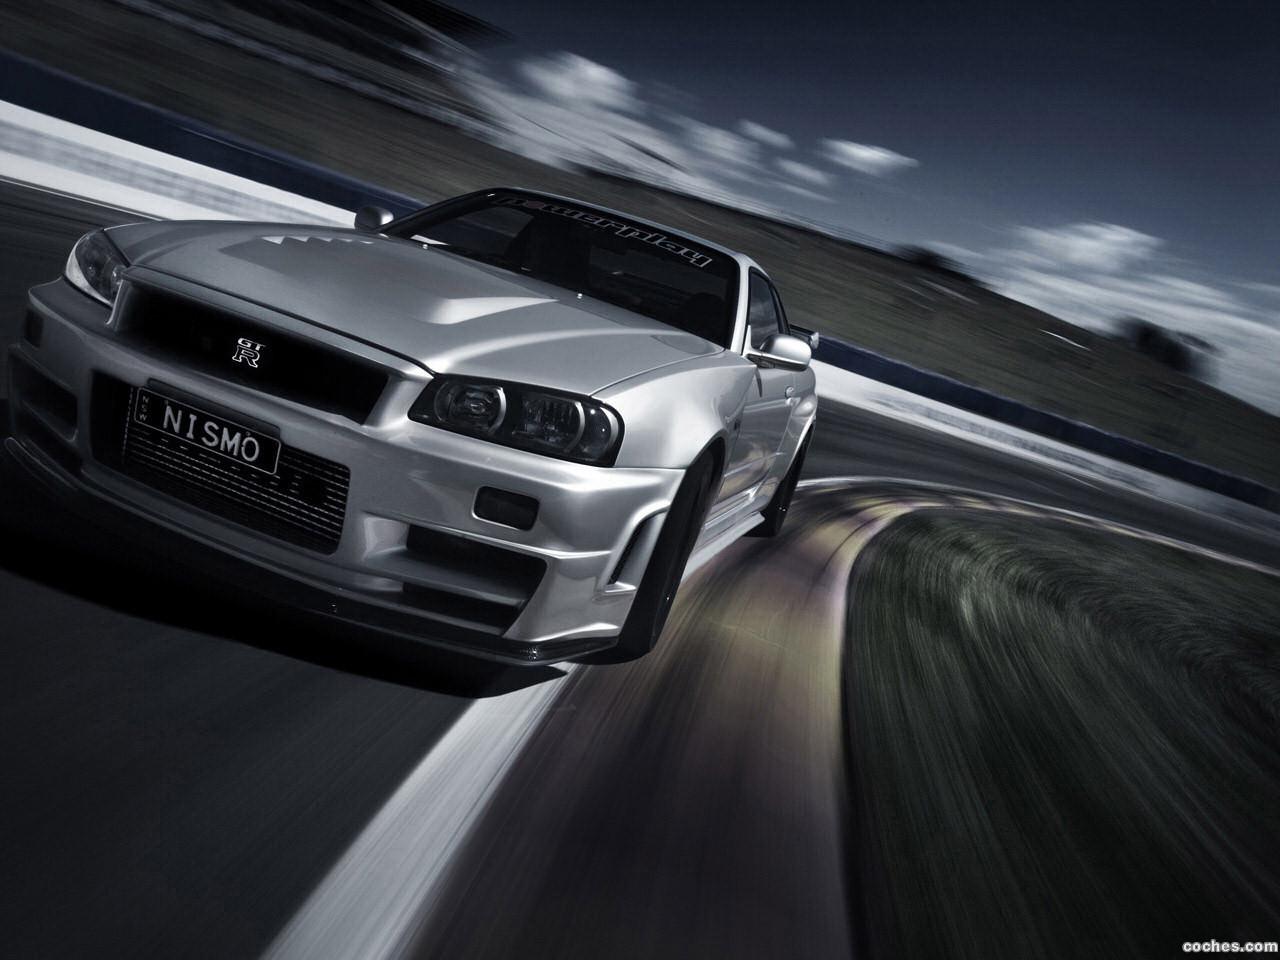 Foto 1 de Nissan Skyline GT-R NISMO Z-tune BNR3 2005